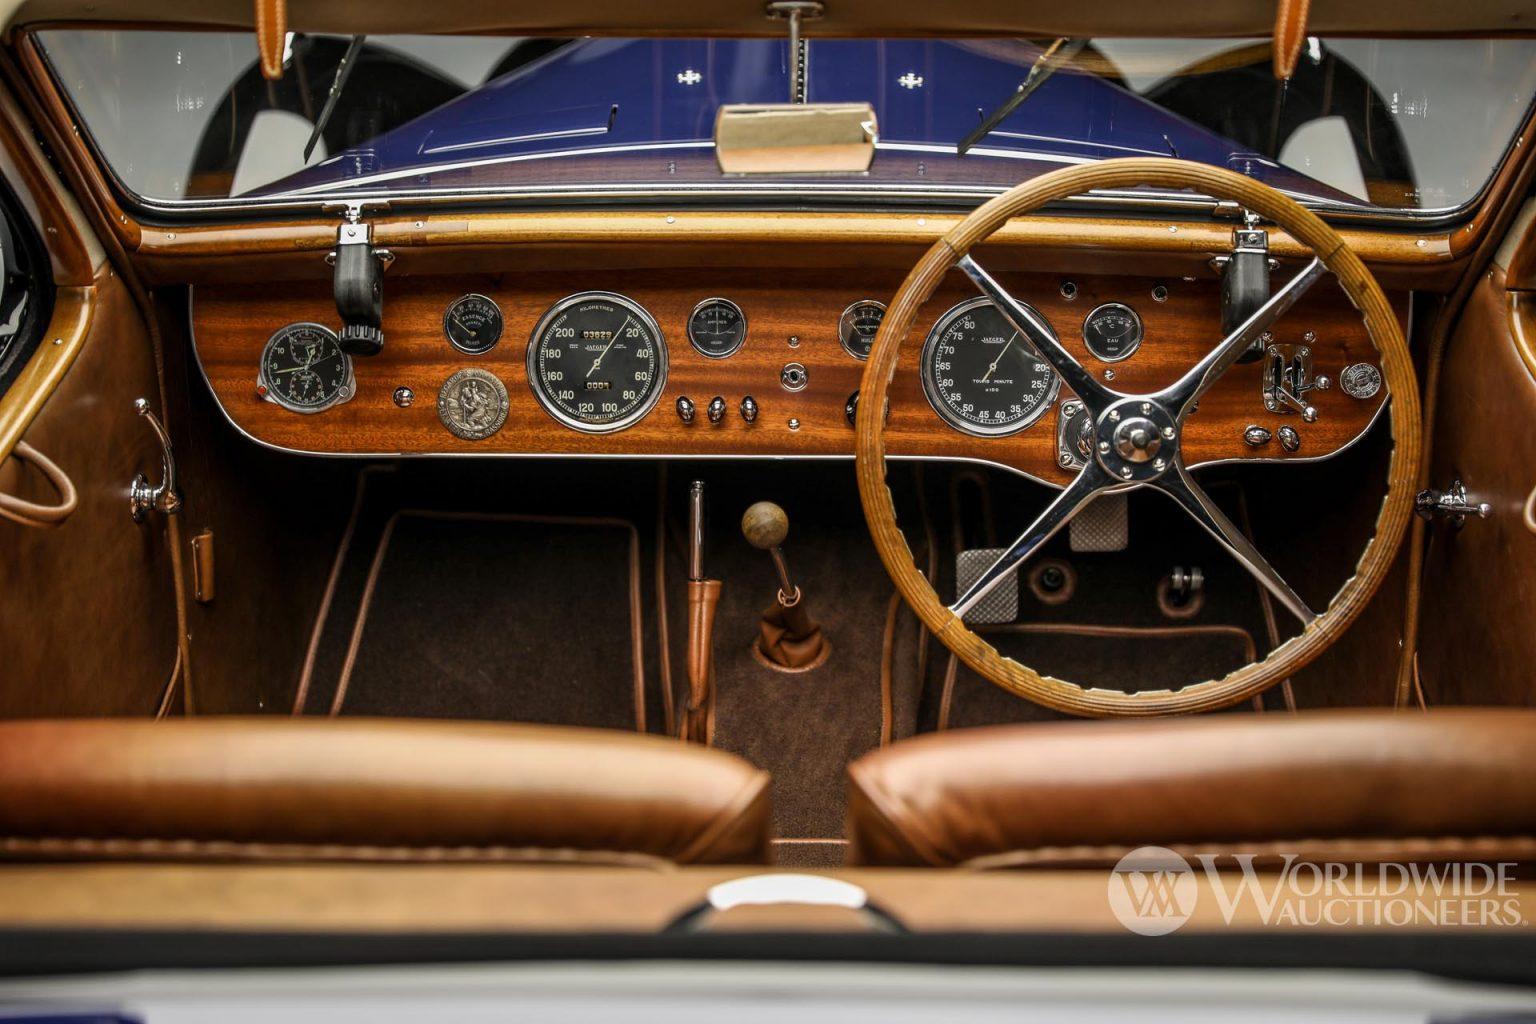 بوجاتي تايب 57 سي أتالانت كوبيه موديل 1938 مقصورة القيادة